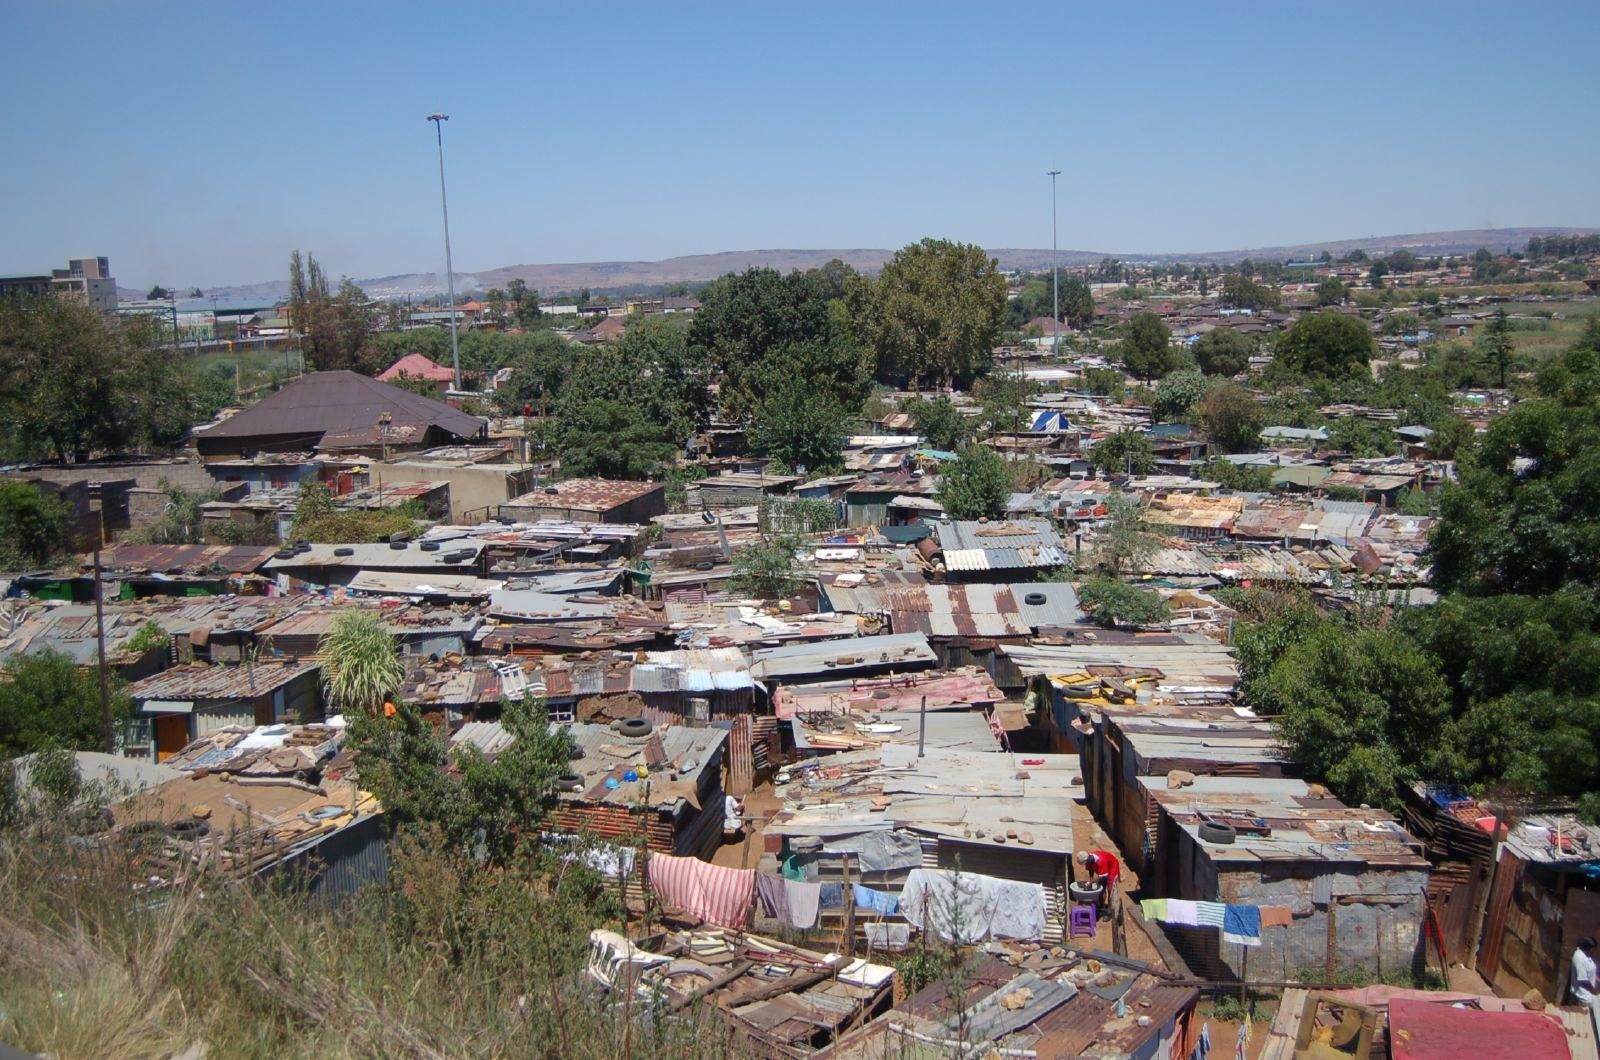 AHI Treasures of Southern Africa 3-07 0037 N